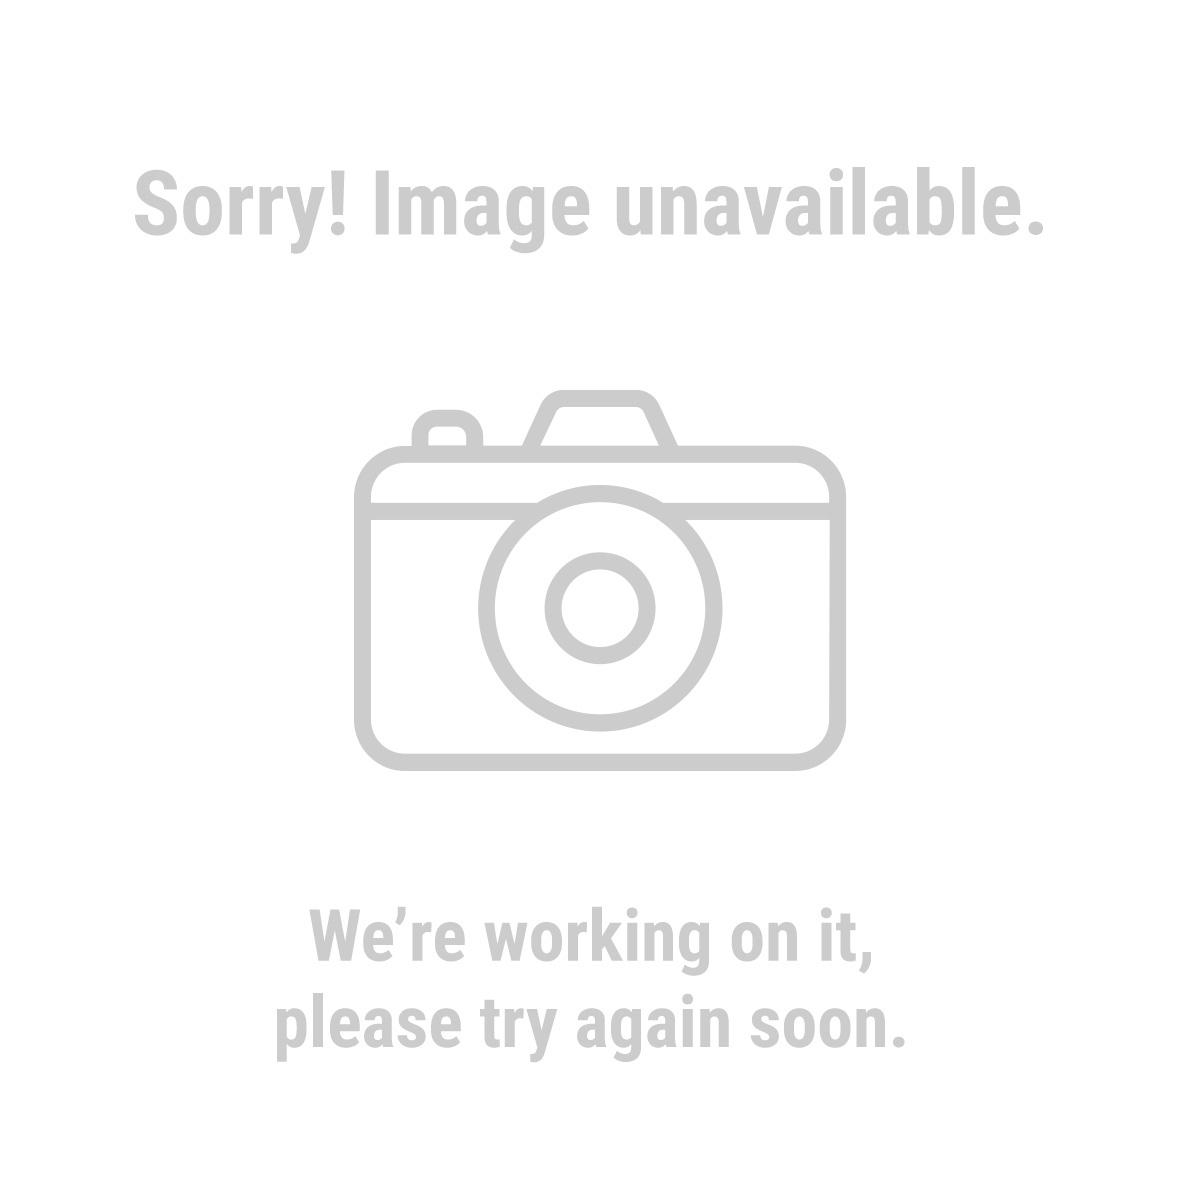 wireless doorbell. Black Bedroom Furniture Sets. Home Design Ideas